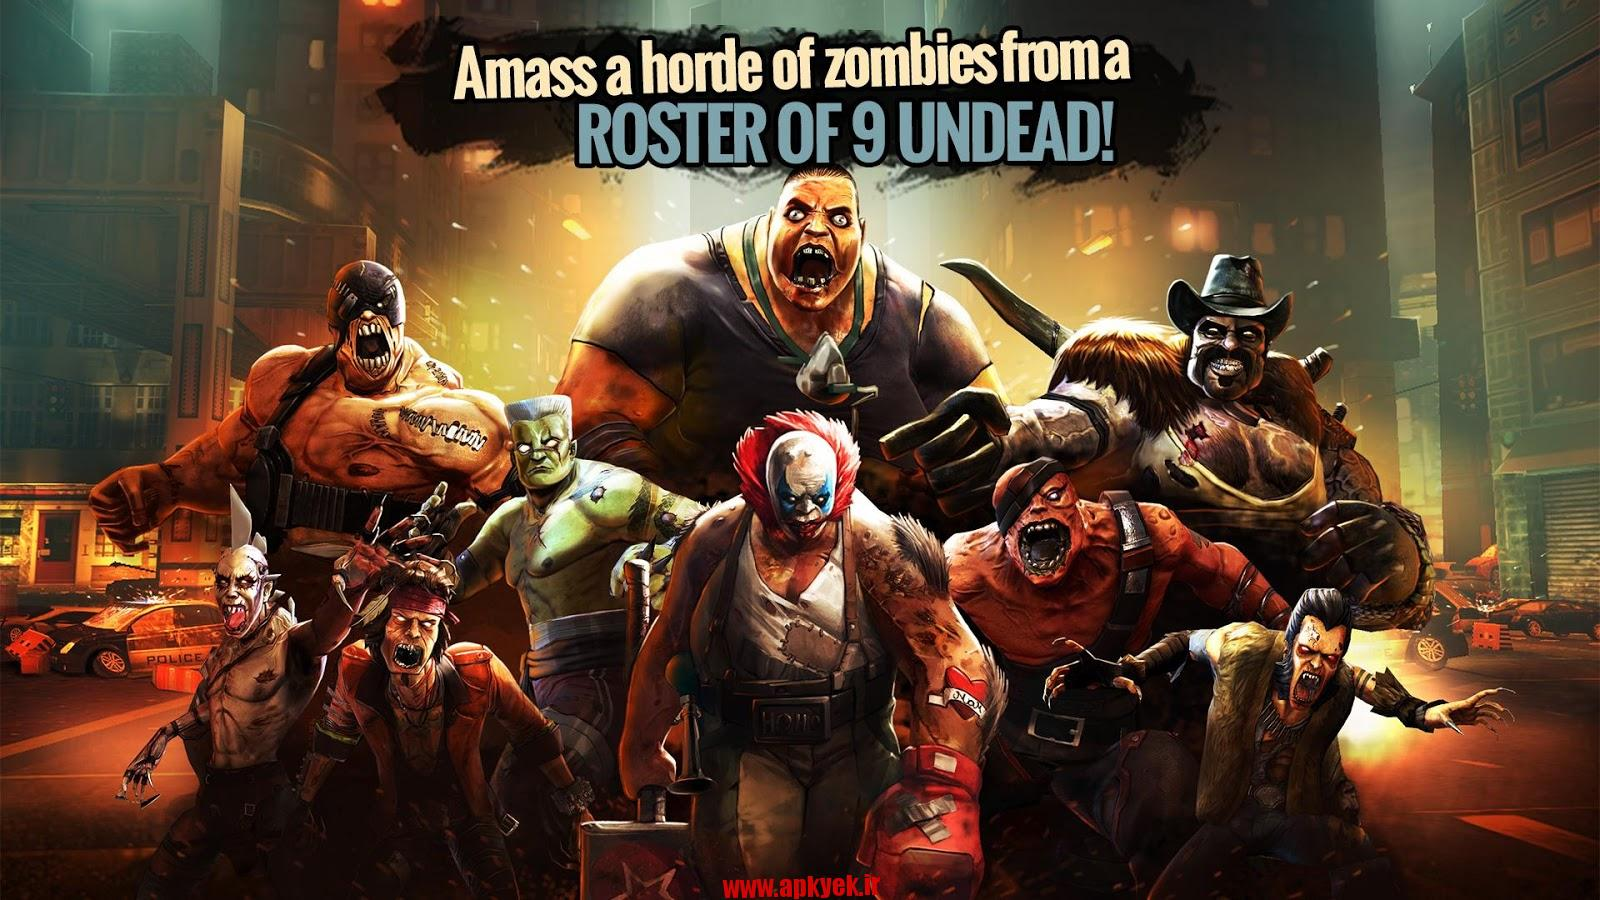 دانلود بازی مبارزه زامبی ها Ultimate Zombie Fighting v0.4.7 اندروید